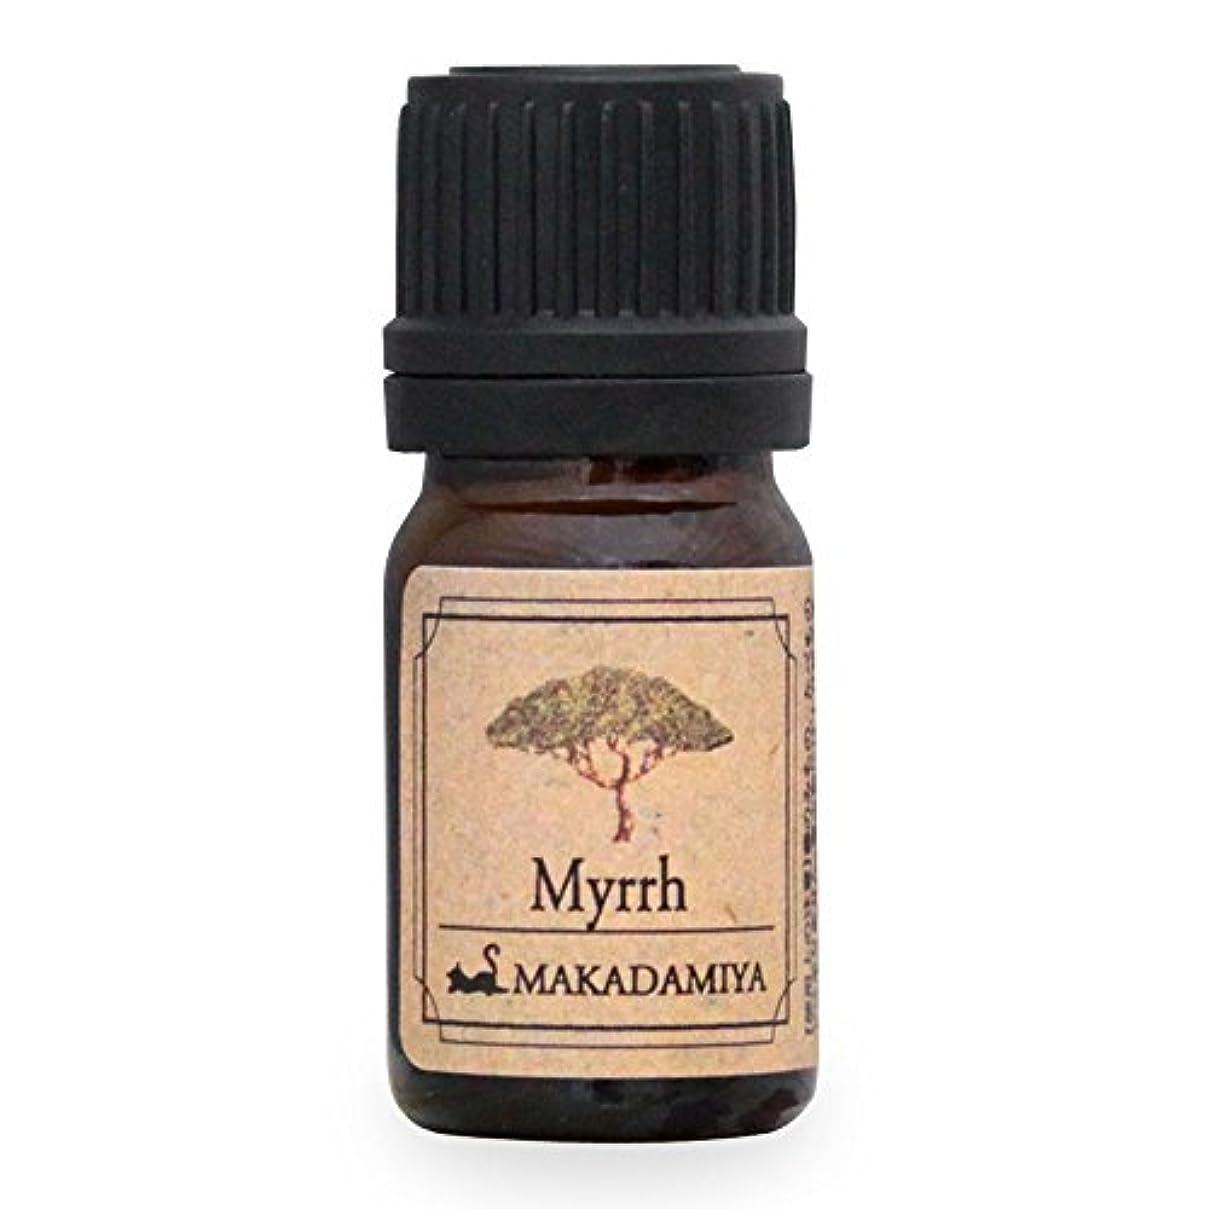 ファンブルステレオタイプ納税者ミルラ5ml 天然100%植物性 エッセンシャルオイル(精油) アロマオイル アロママッサージ aroma Myrrh